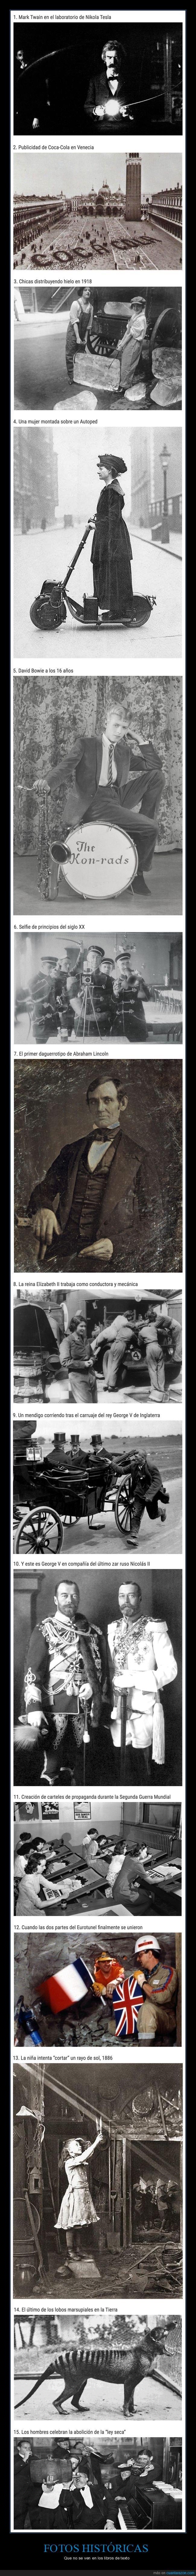 curiosidades,fotos históricas,historia